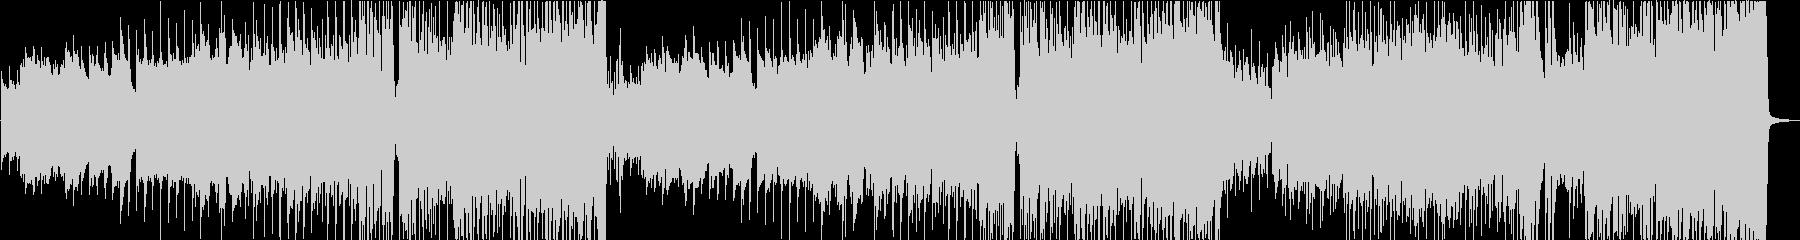 笛とピアノから始まる疾走感のあるワルツの未再生の波形